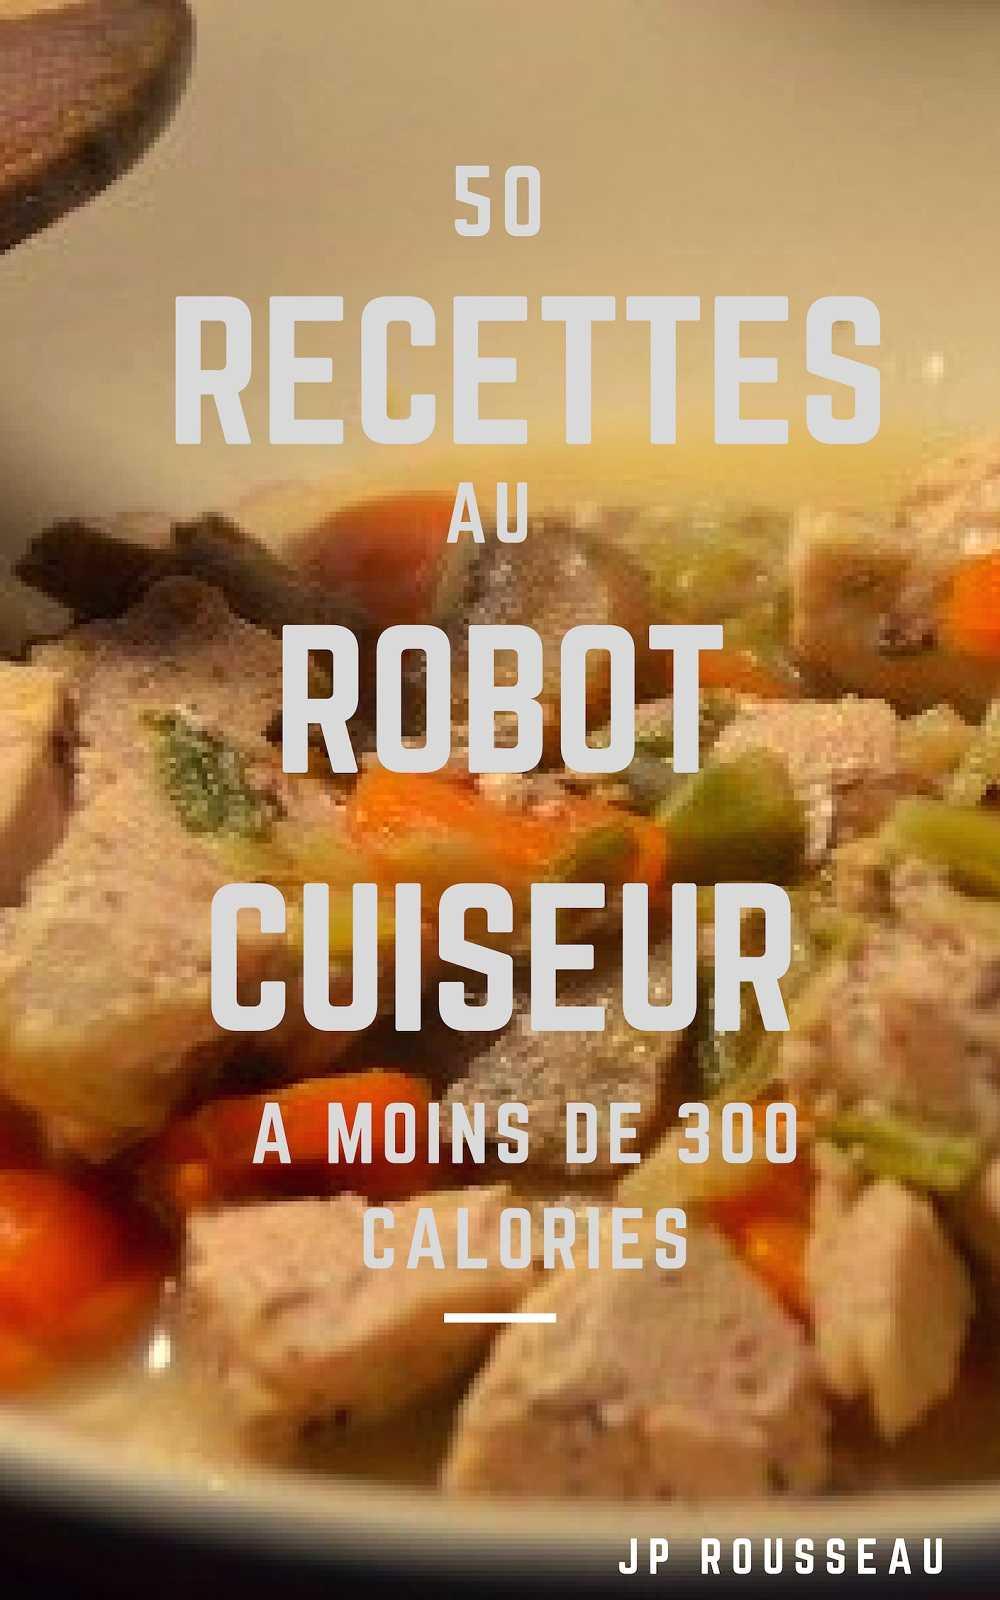 50 recettes